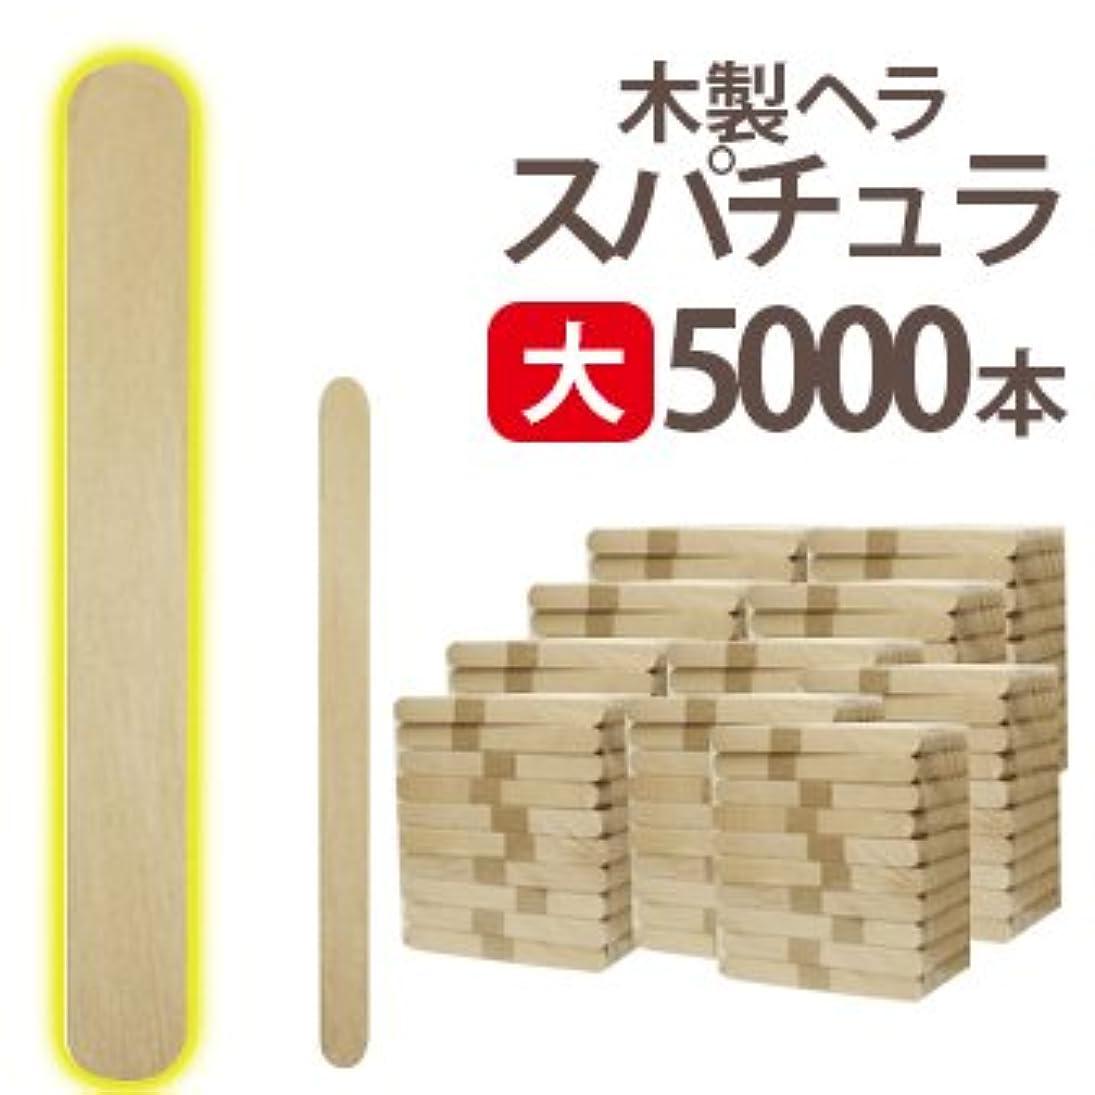 検出考慮ブローホール大 ブラジリアンワックス 業務用5000本 スパチュラ Aタイプ(個別梱包なし 150×16)